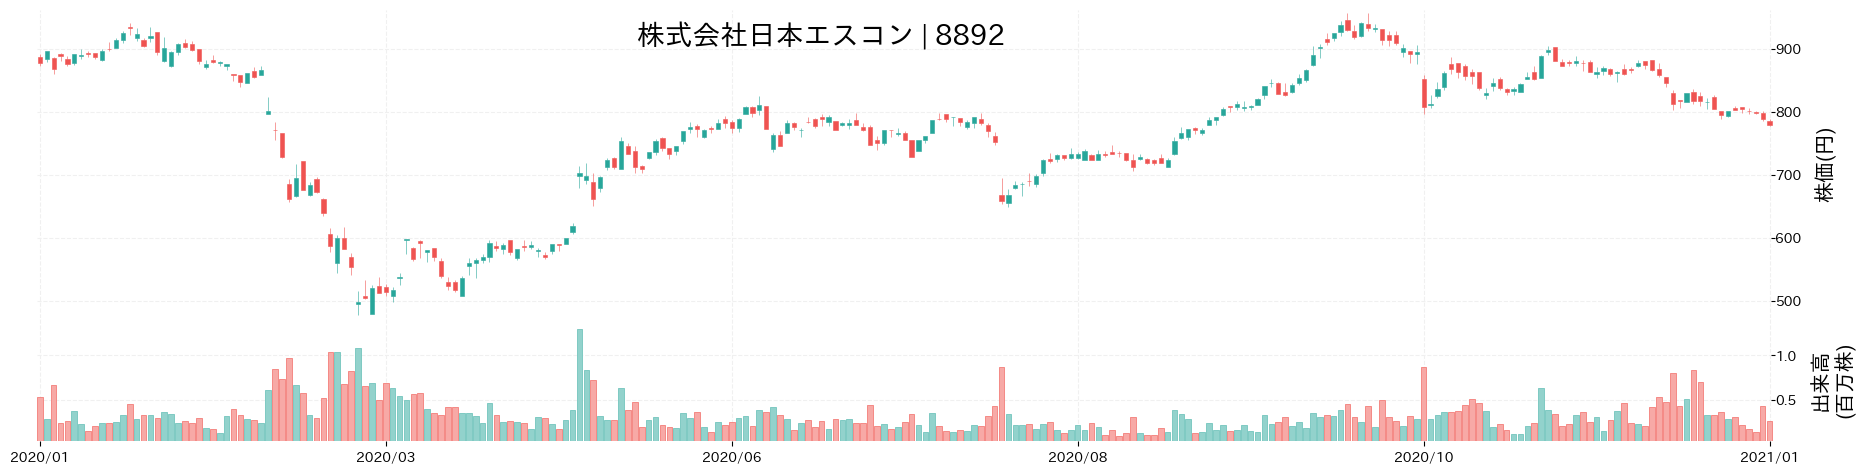 株式会社日本エスコンの株価推移(2020)